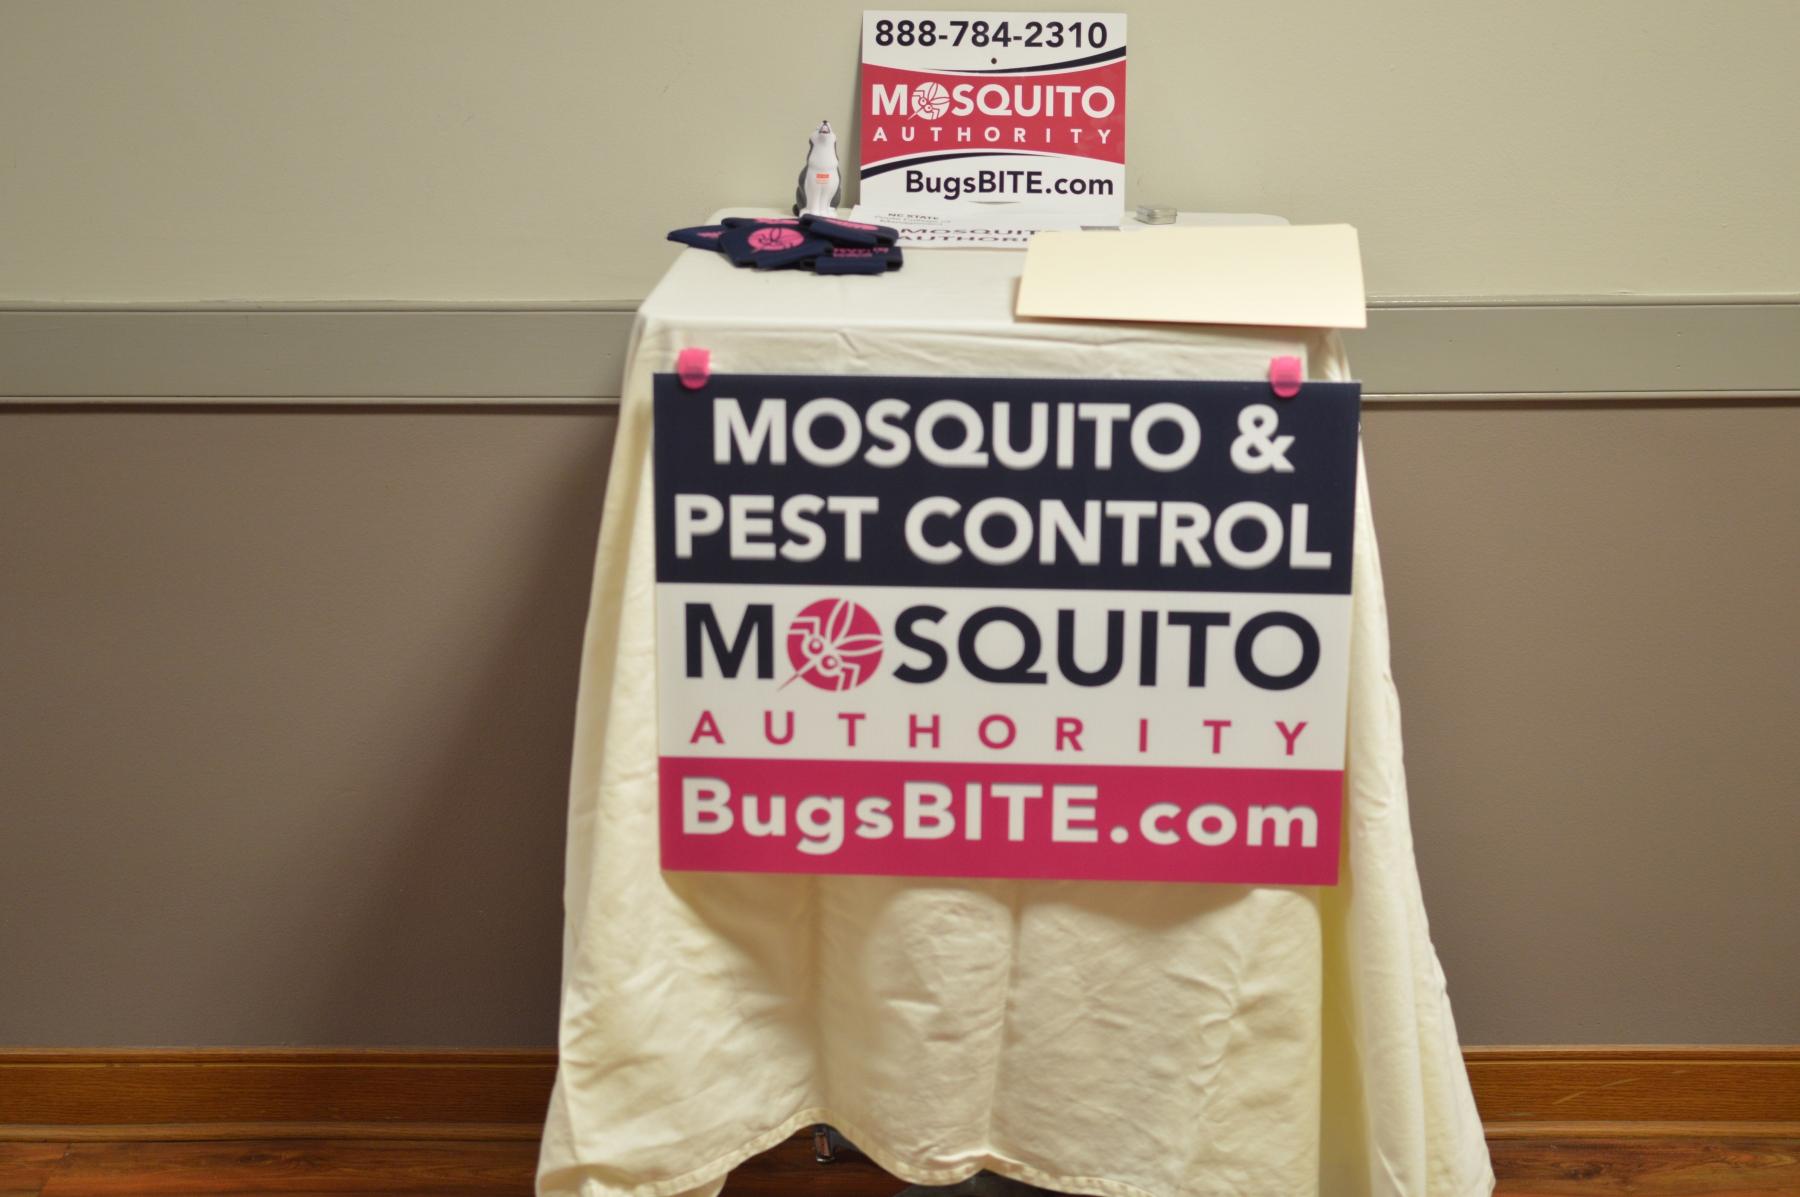 Mosquito-Authority-1